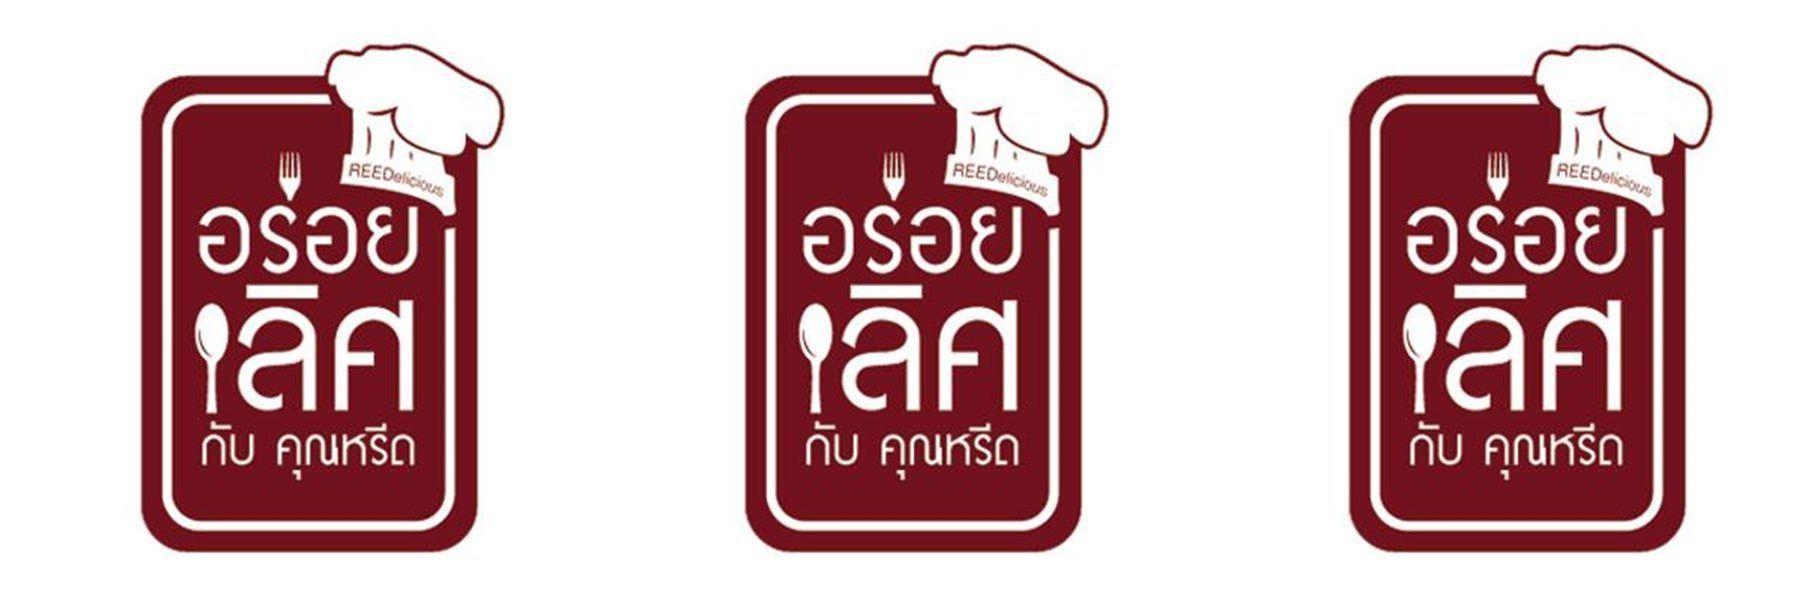 ดูละครย้อนหลัง อาหารไทยรสเลิศ Patara Fine Thai Cuisine | อร่อยเลิศกับคุณหรีด l 27 มี.ค. 62